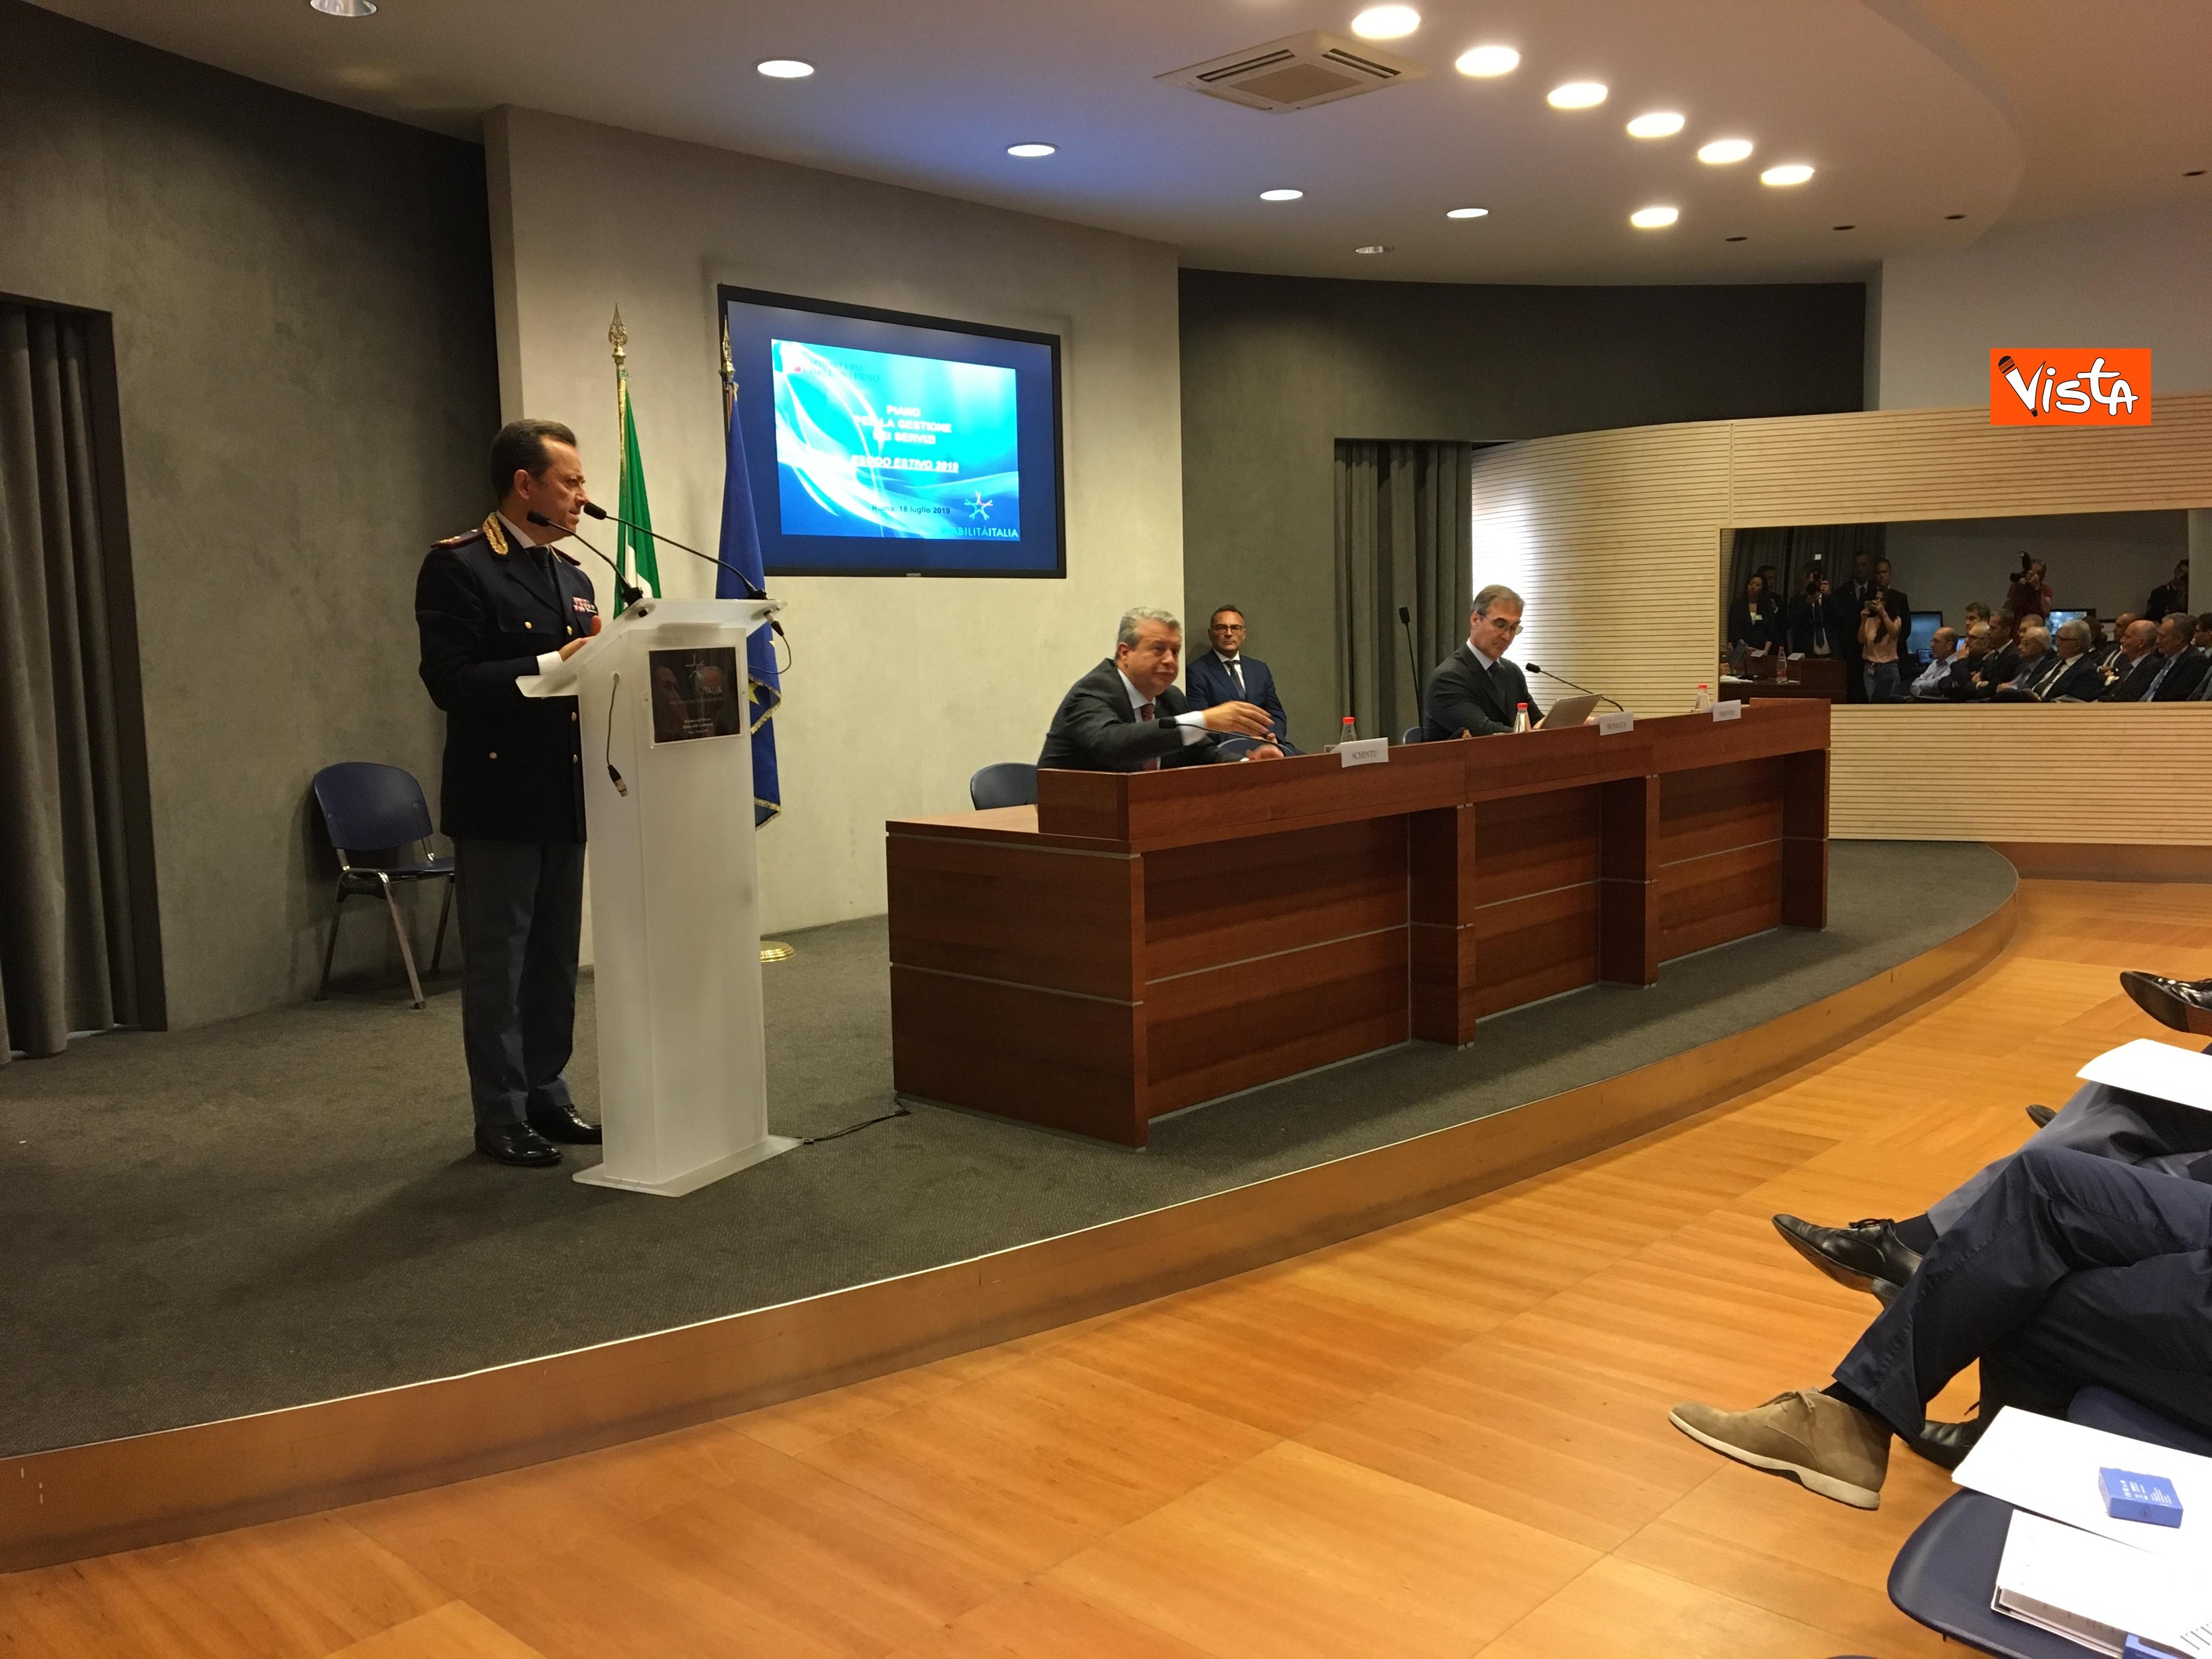 18-07-19 Viabilita Italia il piano di gestione per l esodo estivo presentato al Viminale immagini_12